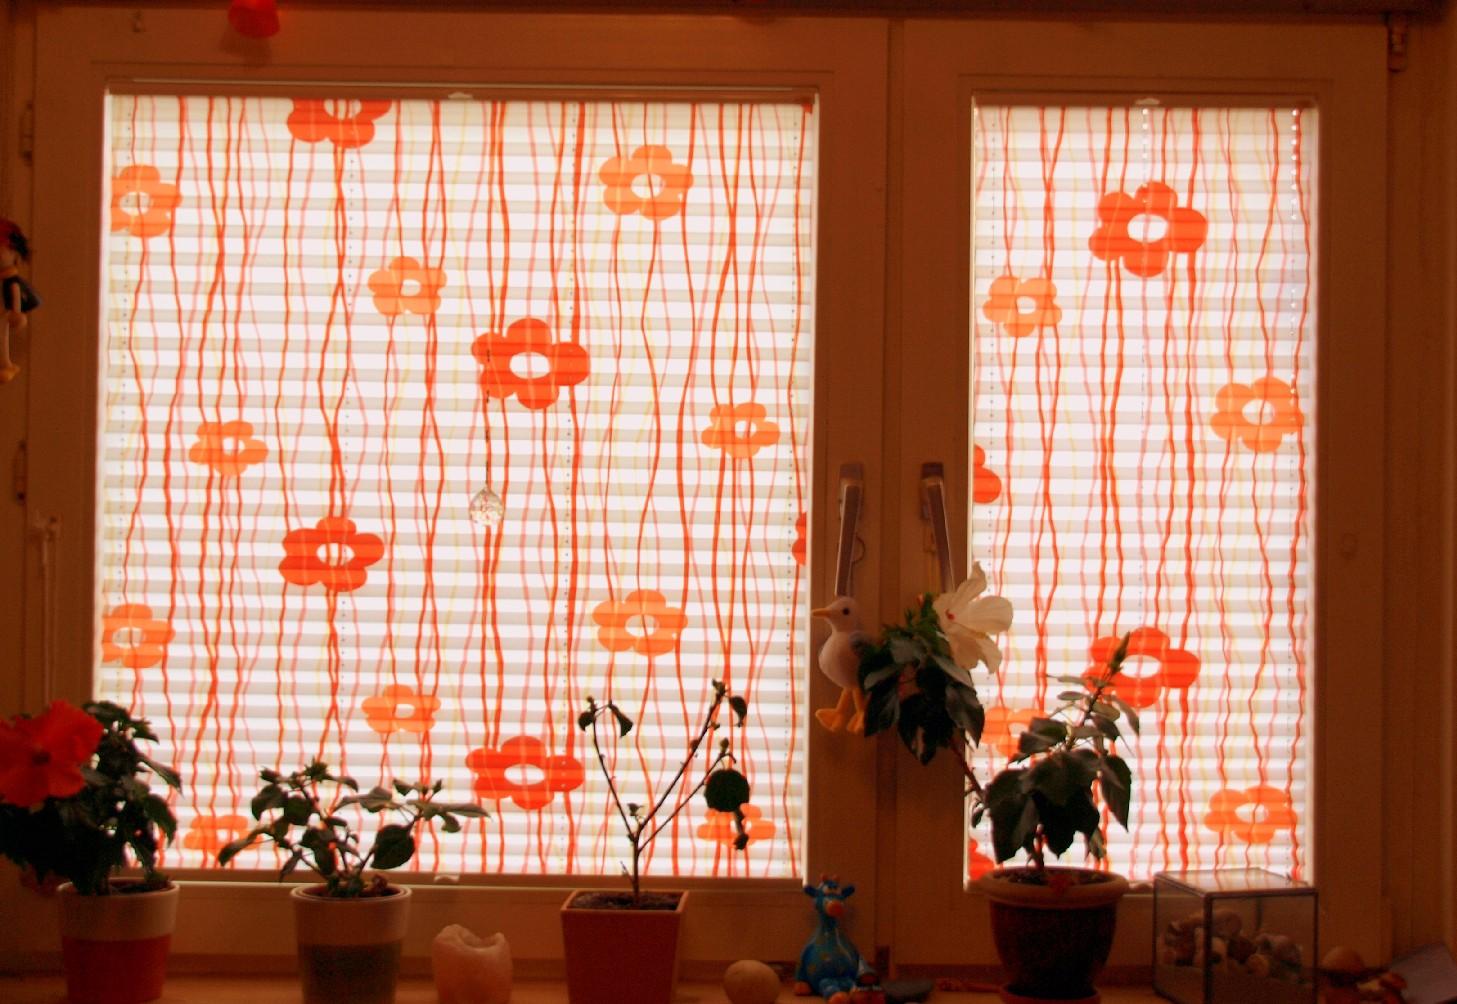 Full Size of Landhausstil Küchenfenster Gardinen Passende Farben Fr Kche Und Wohnzimmer Raumtextilienshop Regal Für Küche Schlafzimmer Esstisch Bett Die Fenster Wohnzimmer Landhausstil Küchenfenster Gardinen